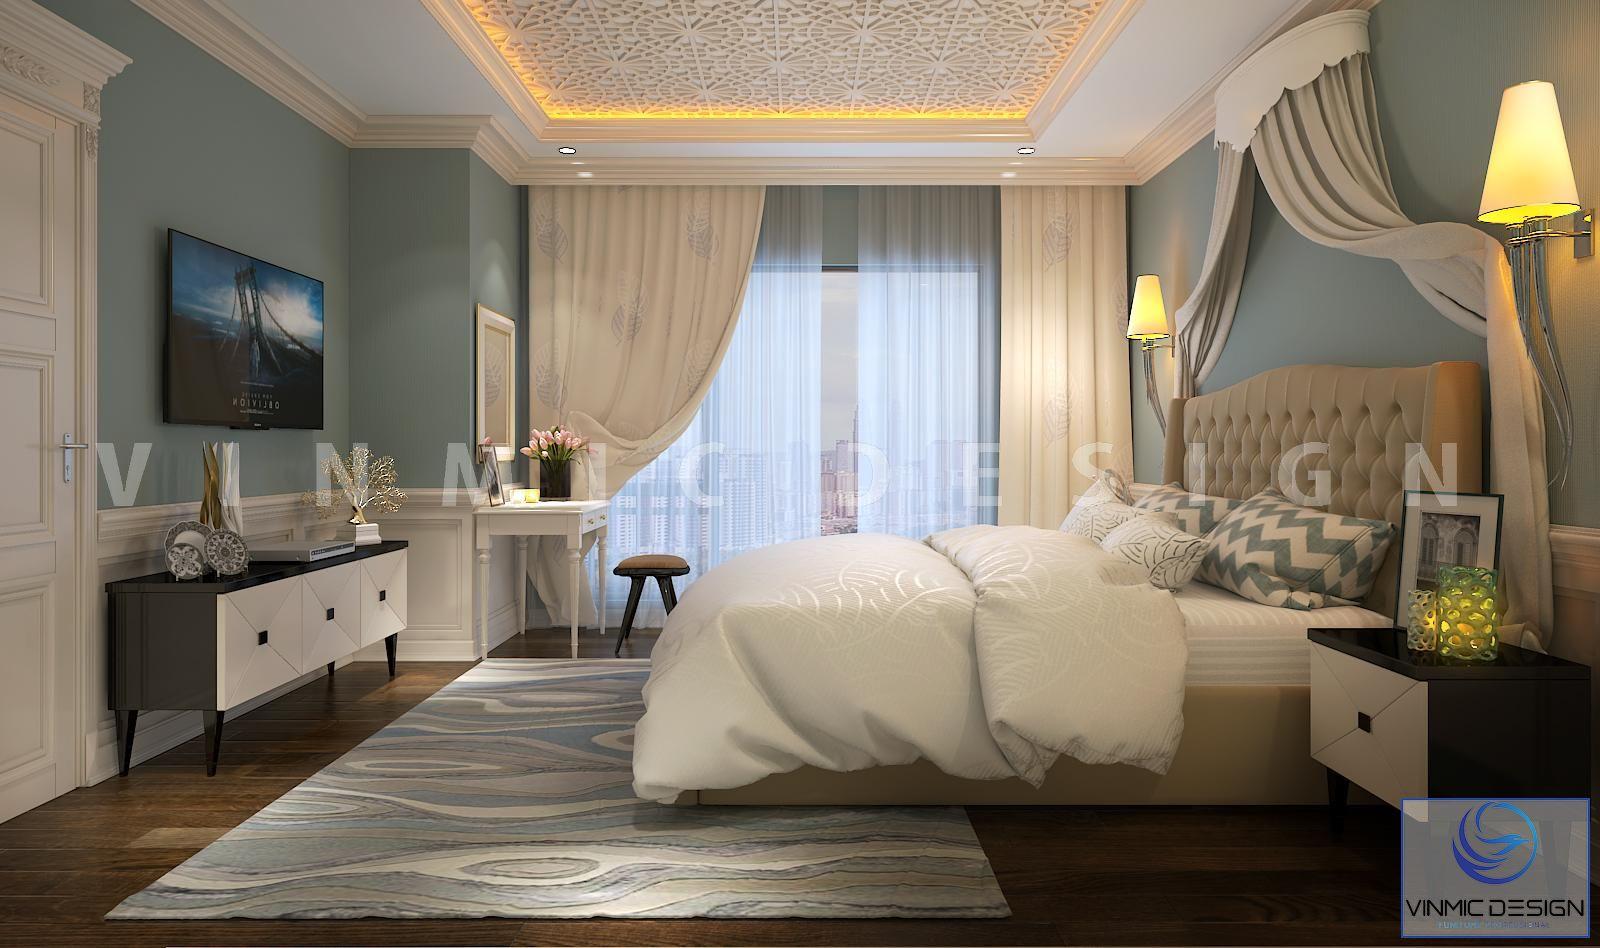 Thiết kế nội thất phòng ngủ tân cổ điển sang trọng, tiện nghi